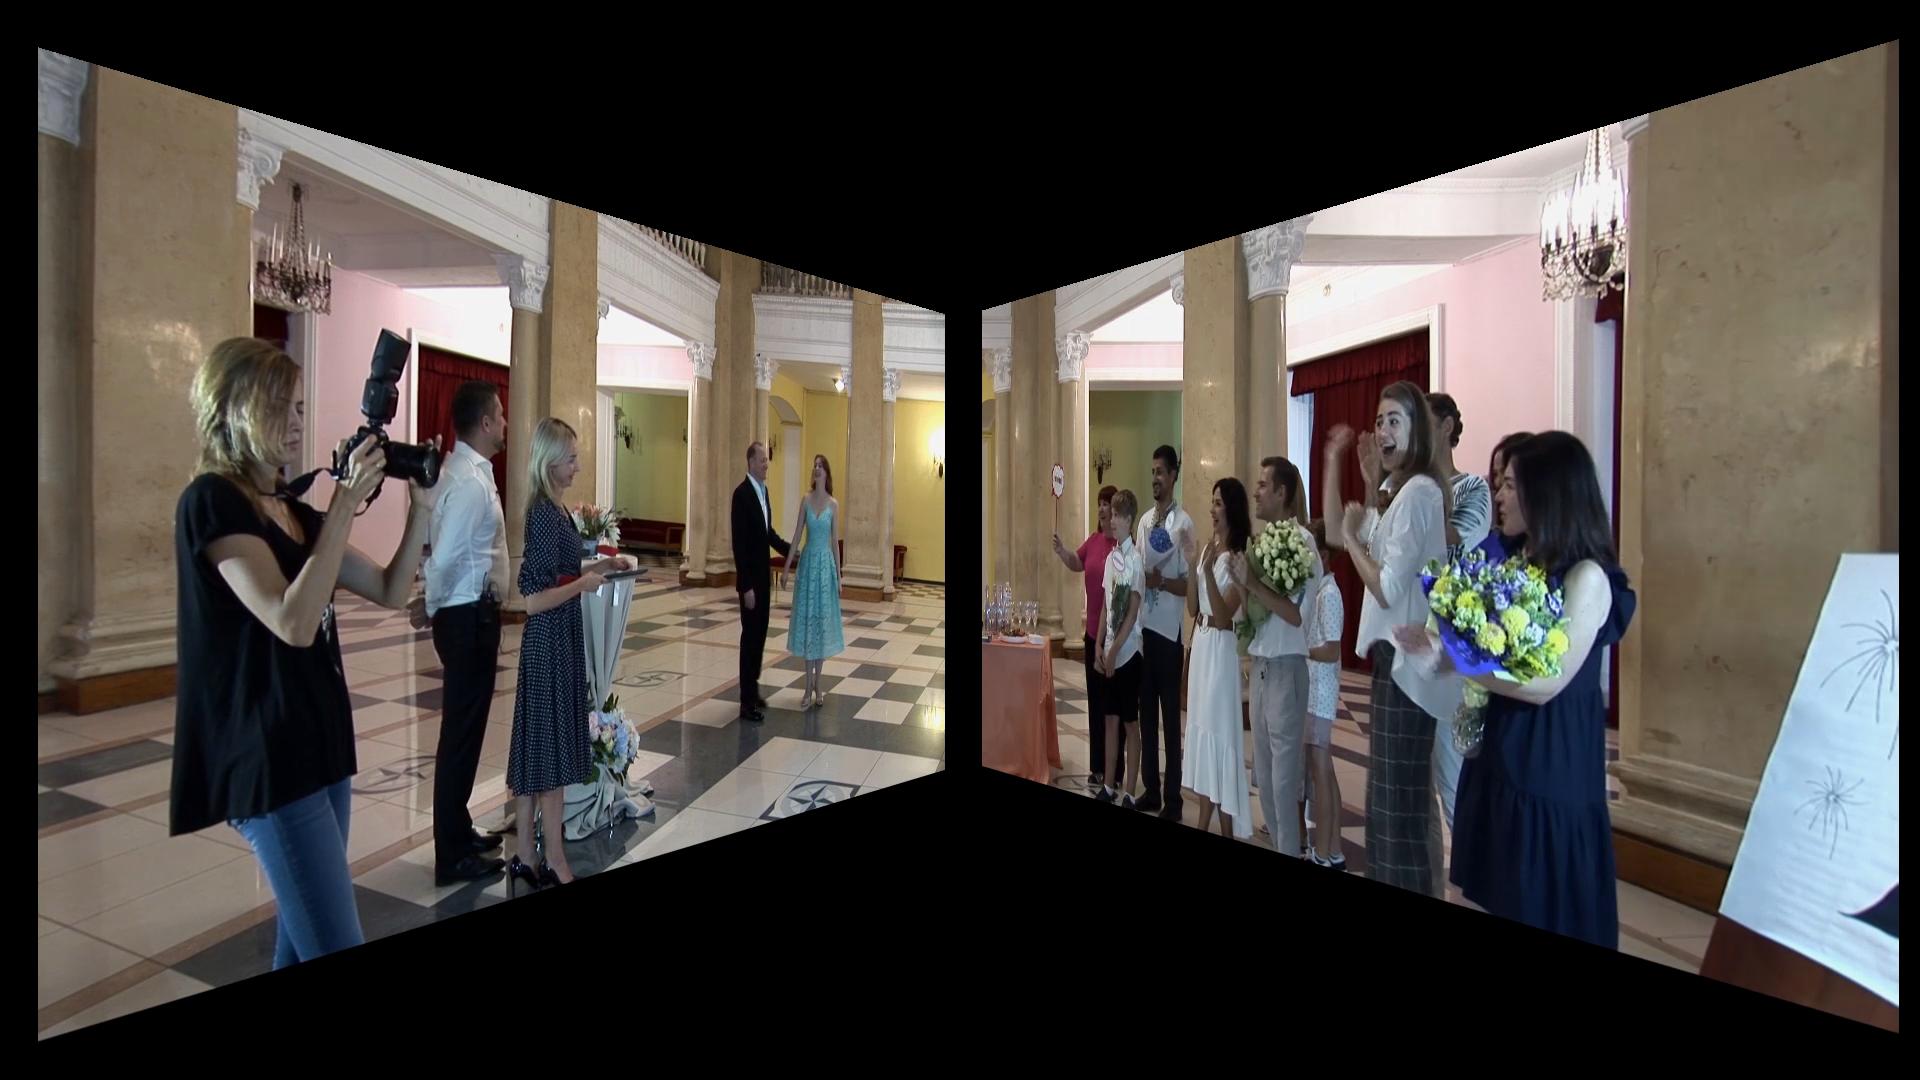 Двухоконный режим трансляции с расположением окон под углом на встречу друг другу